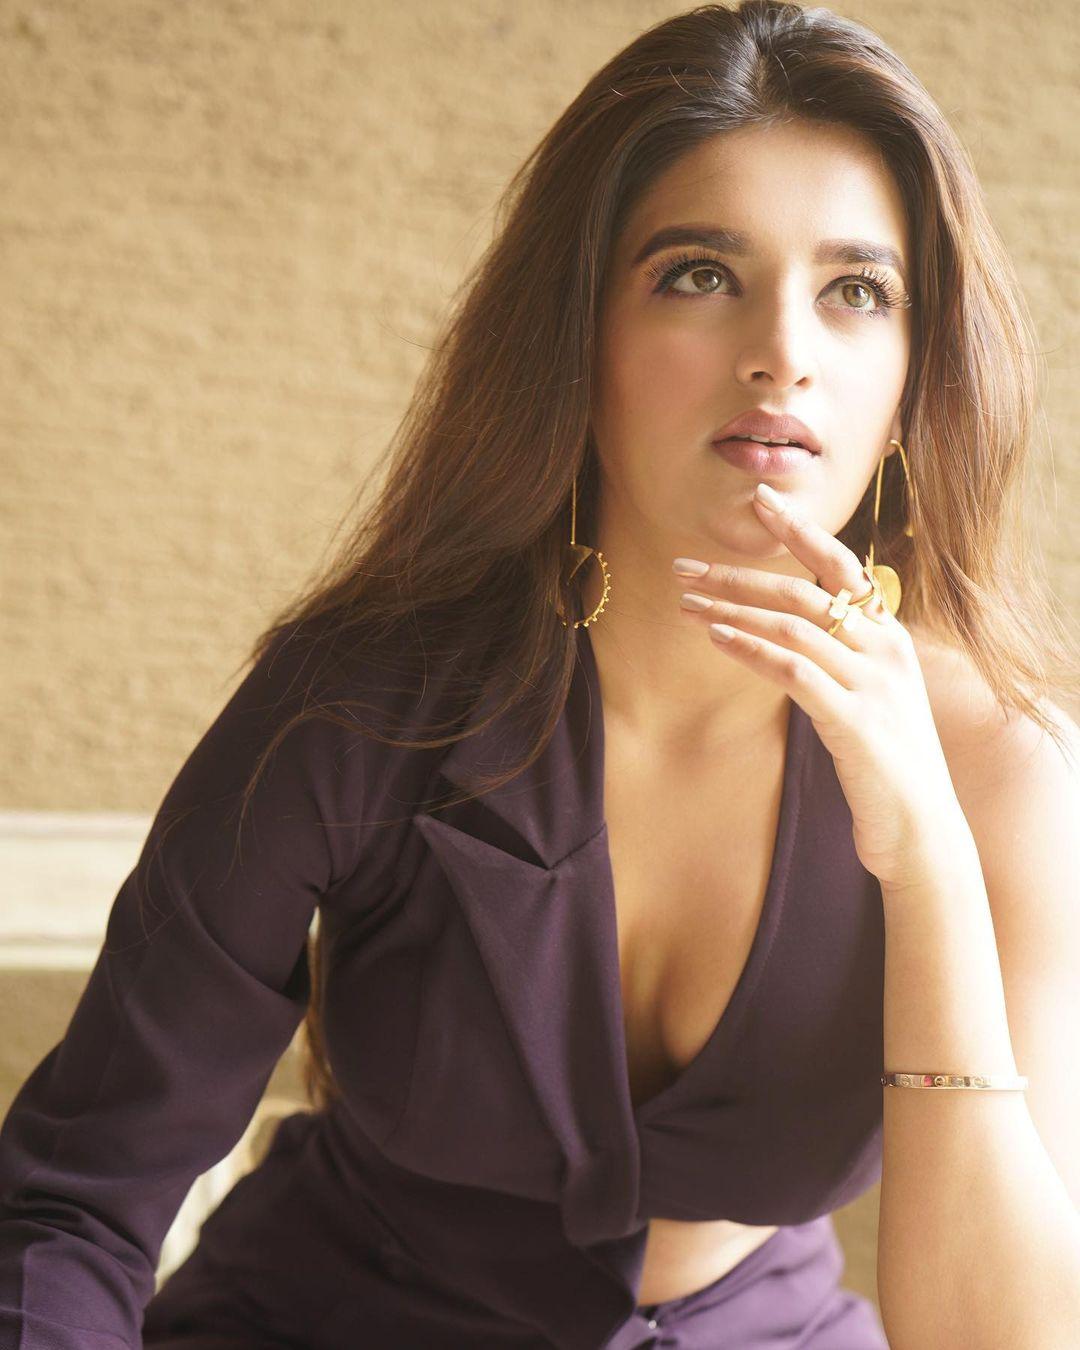 Tamil Actress Nidhi Agarwal (Nidhhi Agerwal) New Photoshoot Image